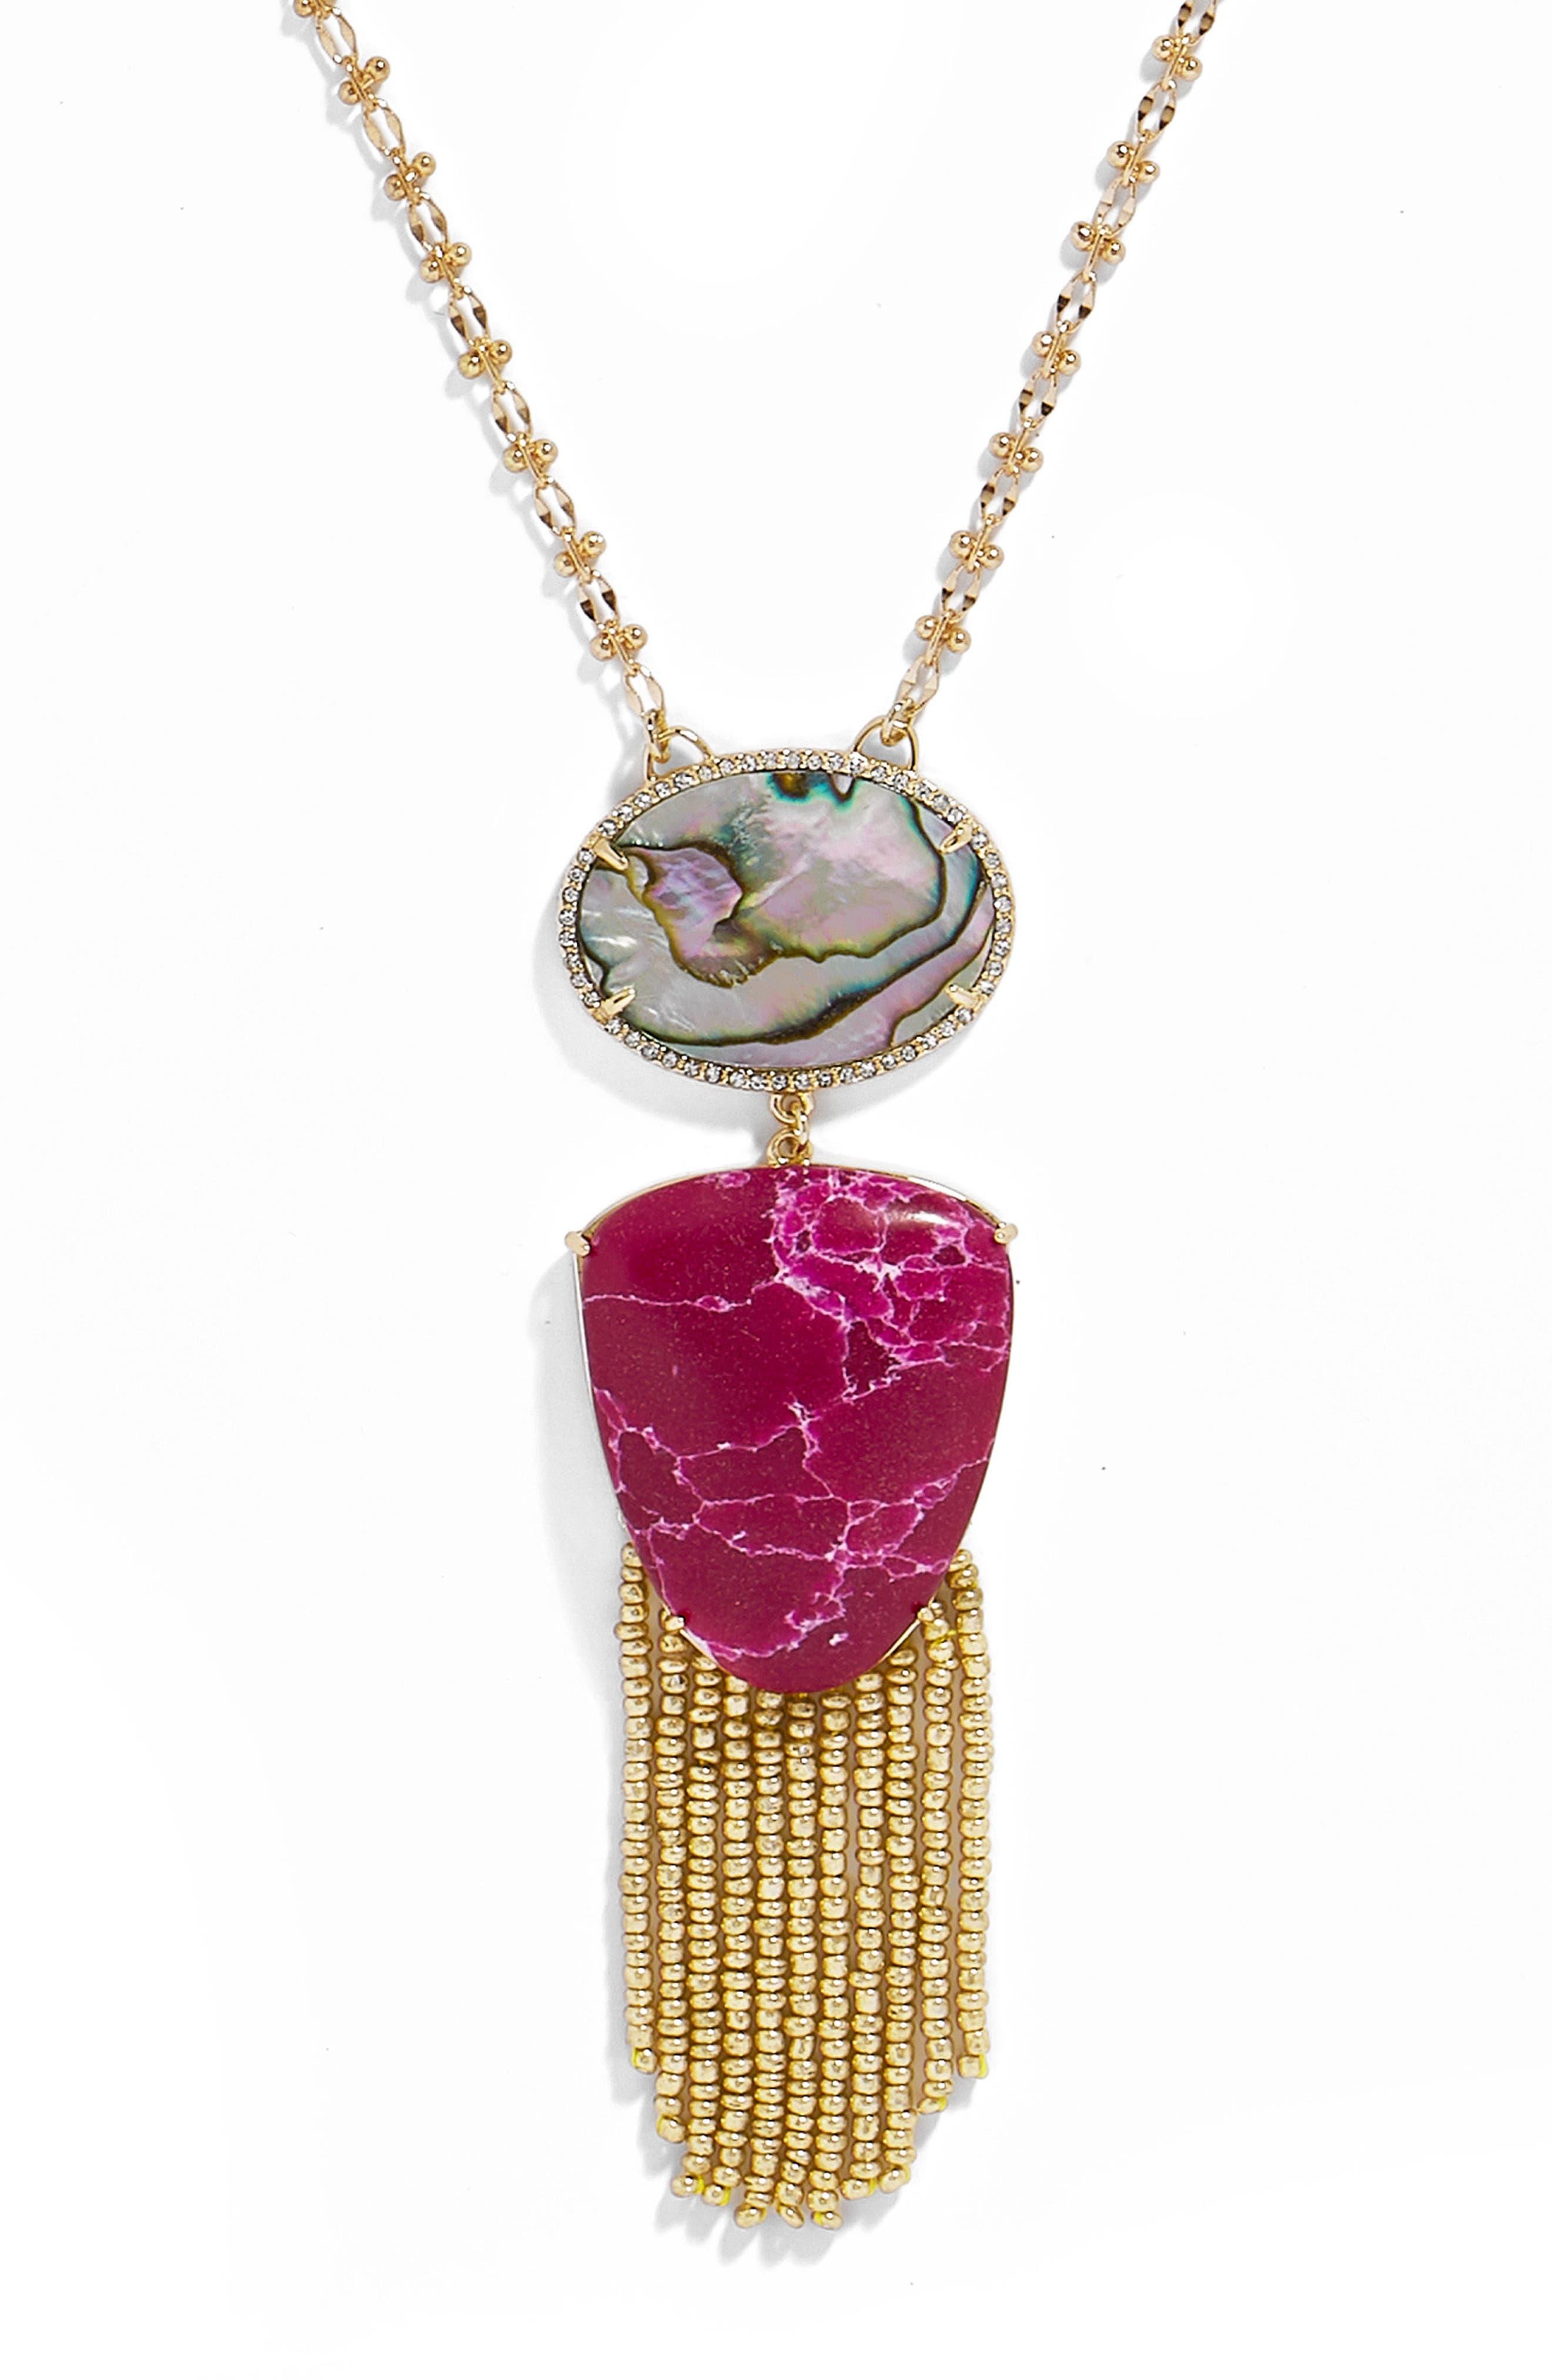 Moonglow Fringe Abalone Pendant Necklace,                             Alternate thumbnail 2, color,                             Fuchsia/ Abalone